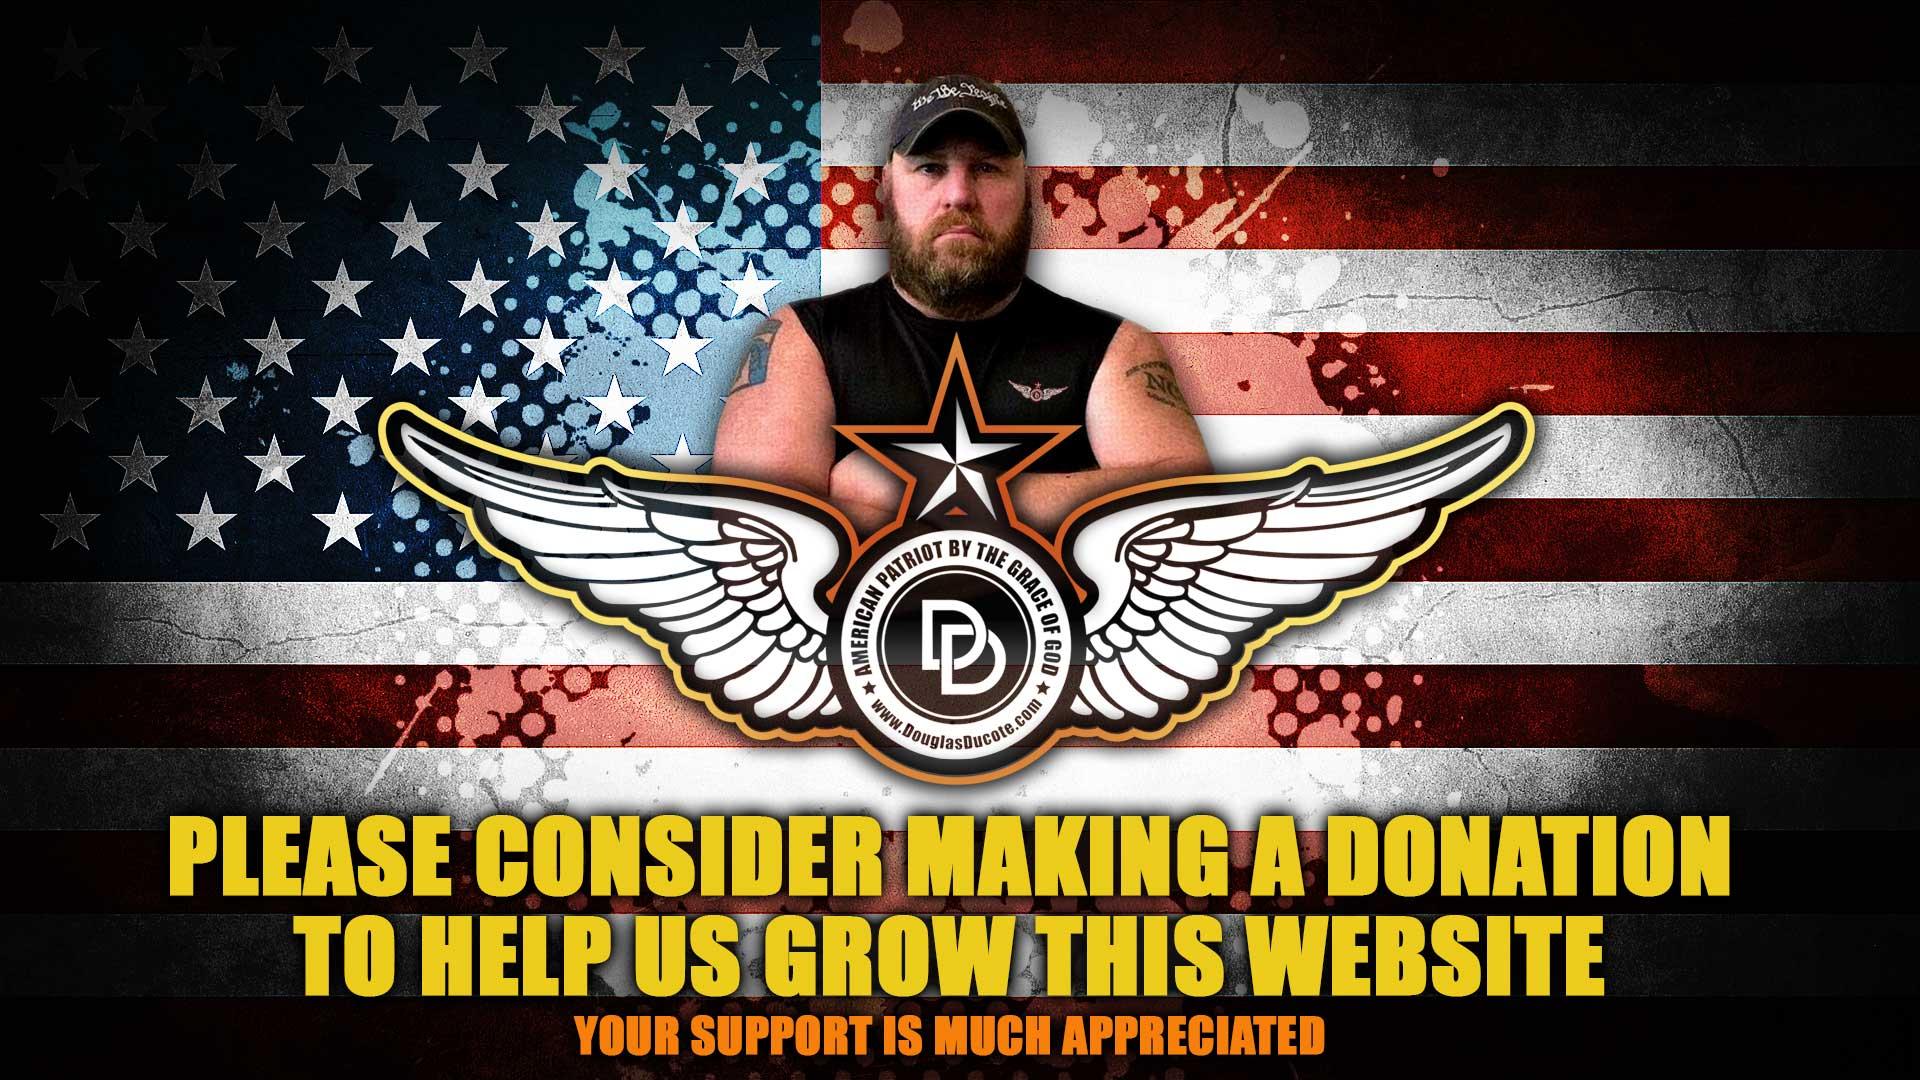 Douglas Ducote Donation